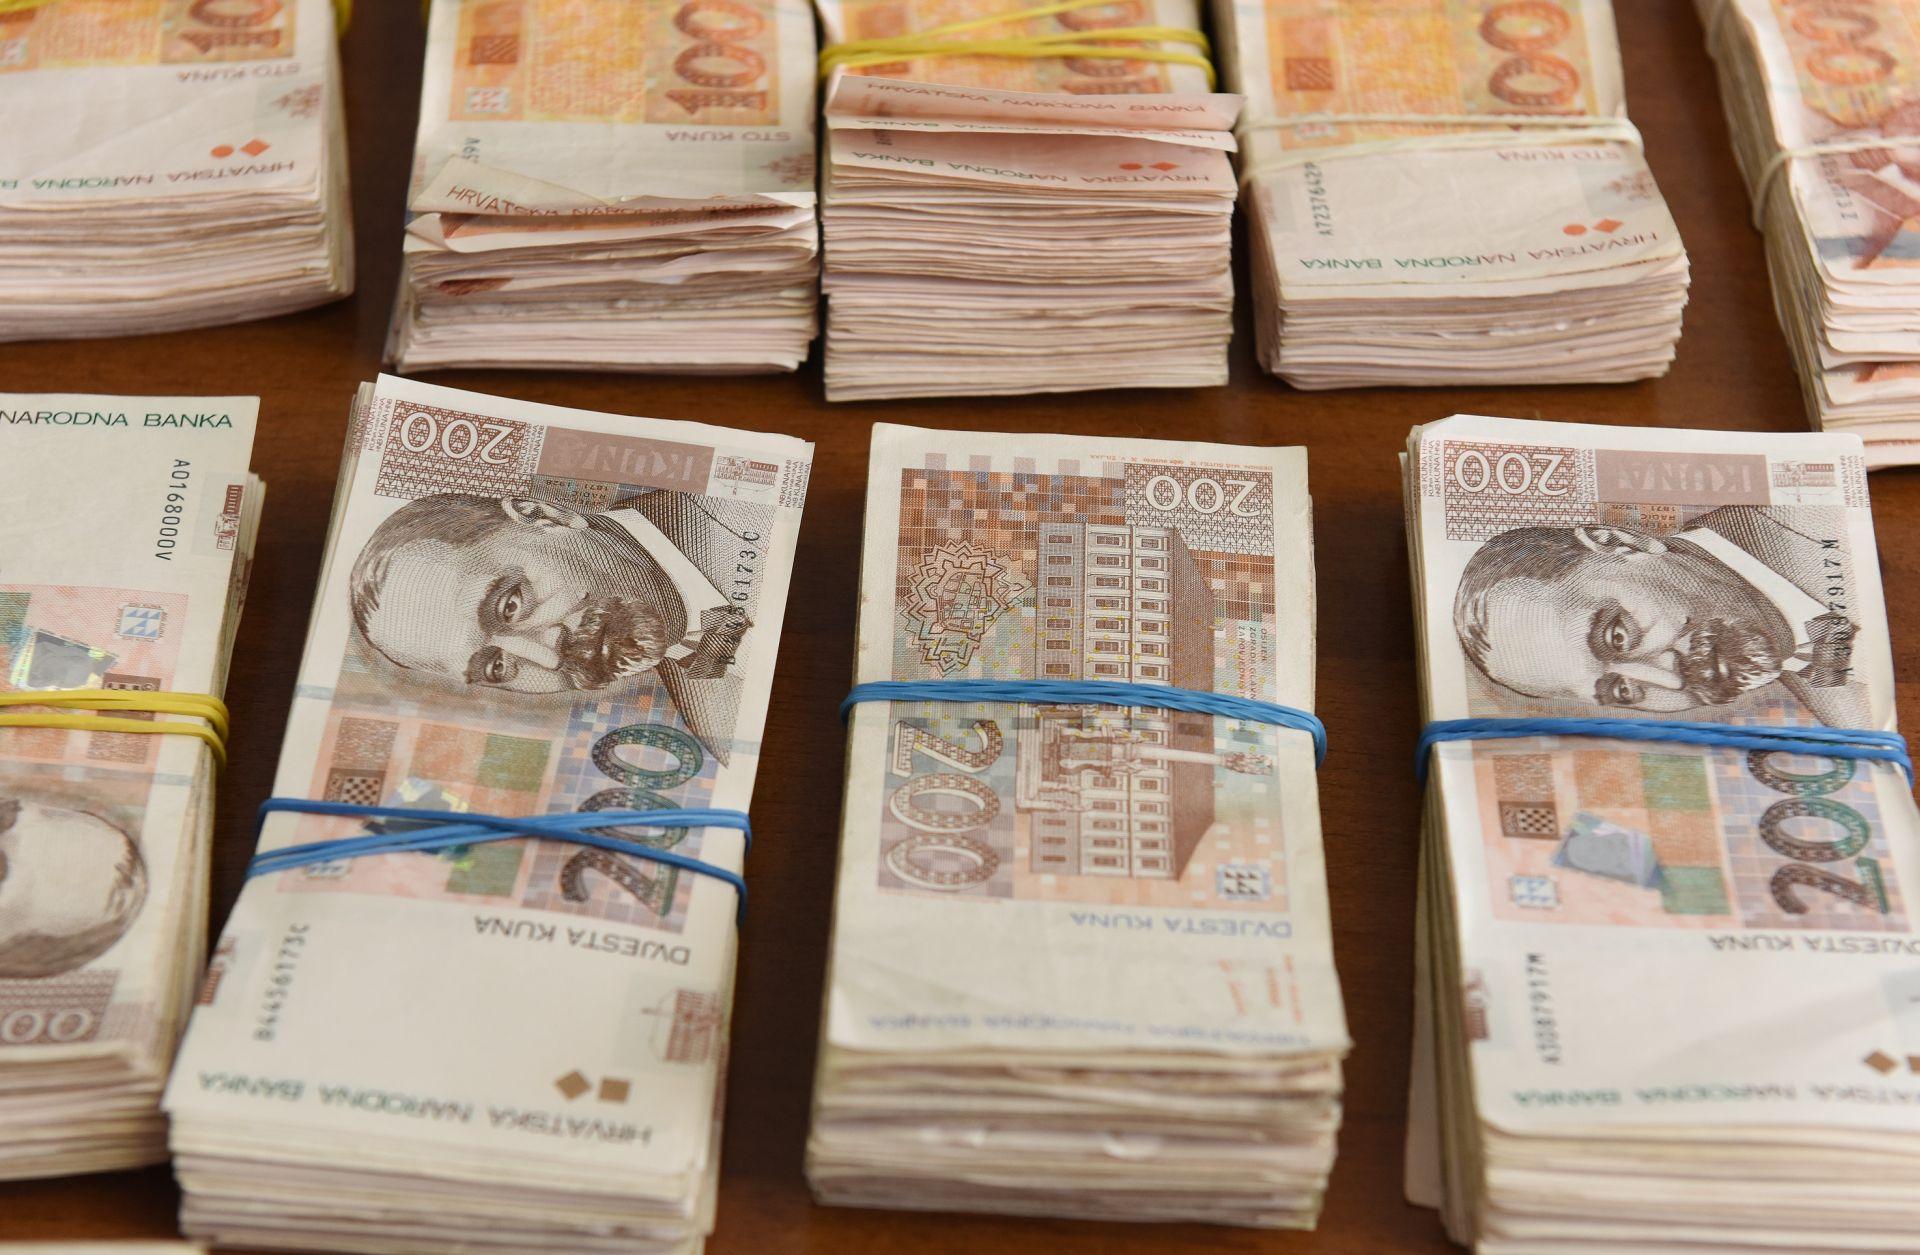 Zagrebačka županija: 3,2 milijuna kuna za ruralni razvoj